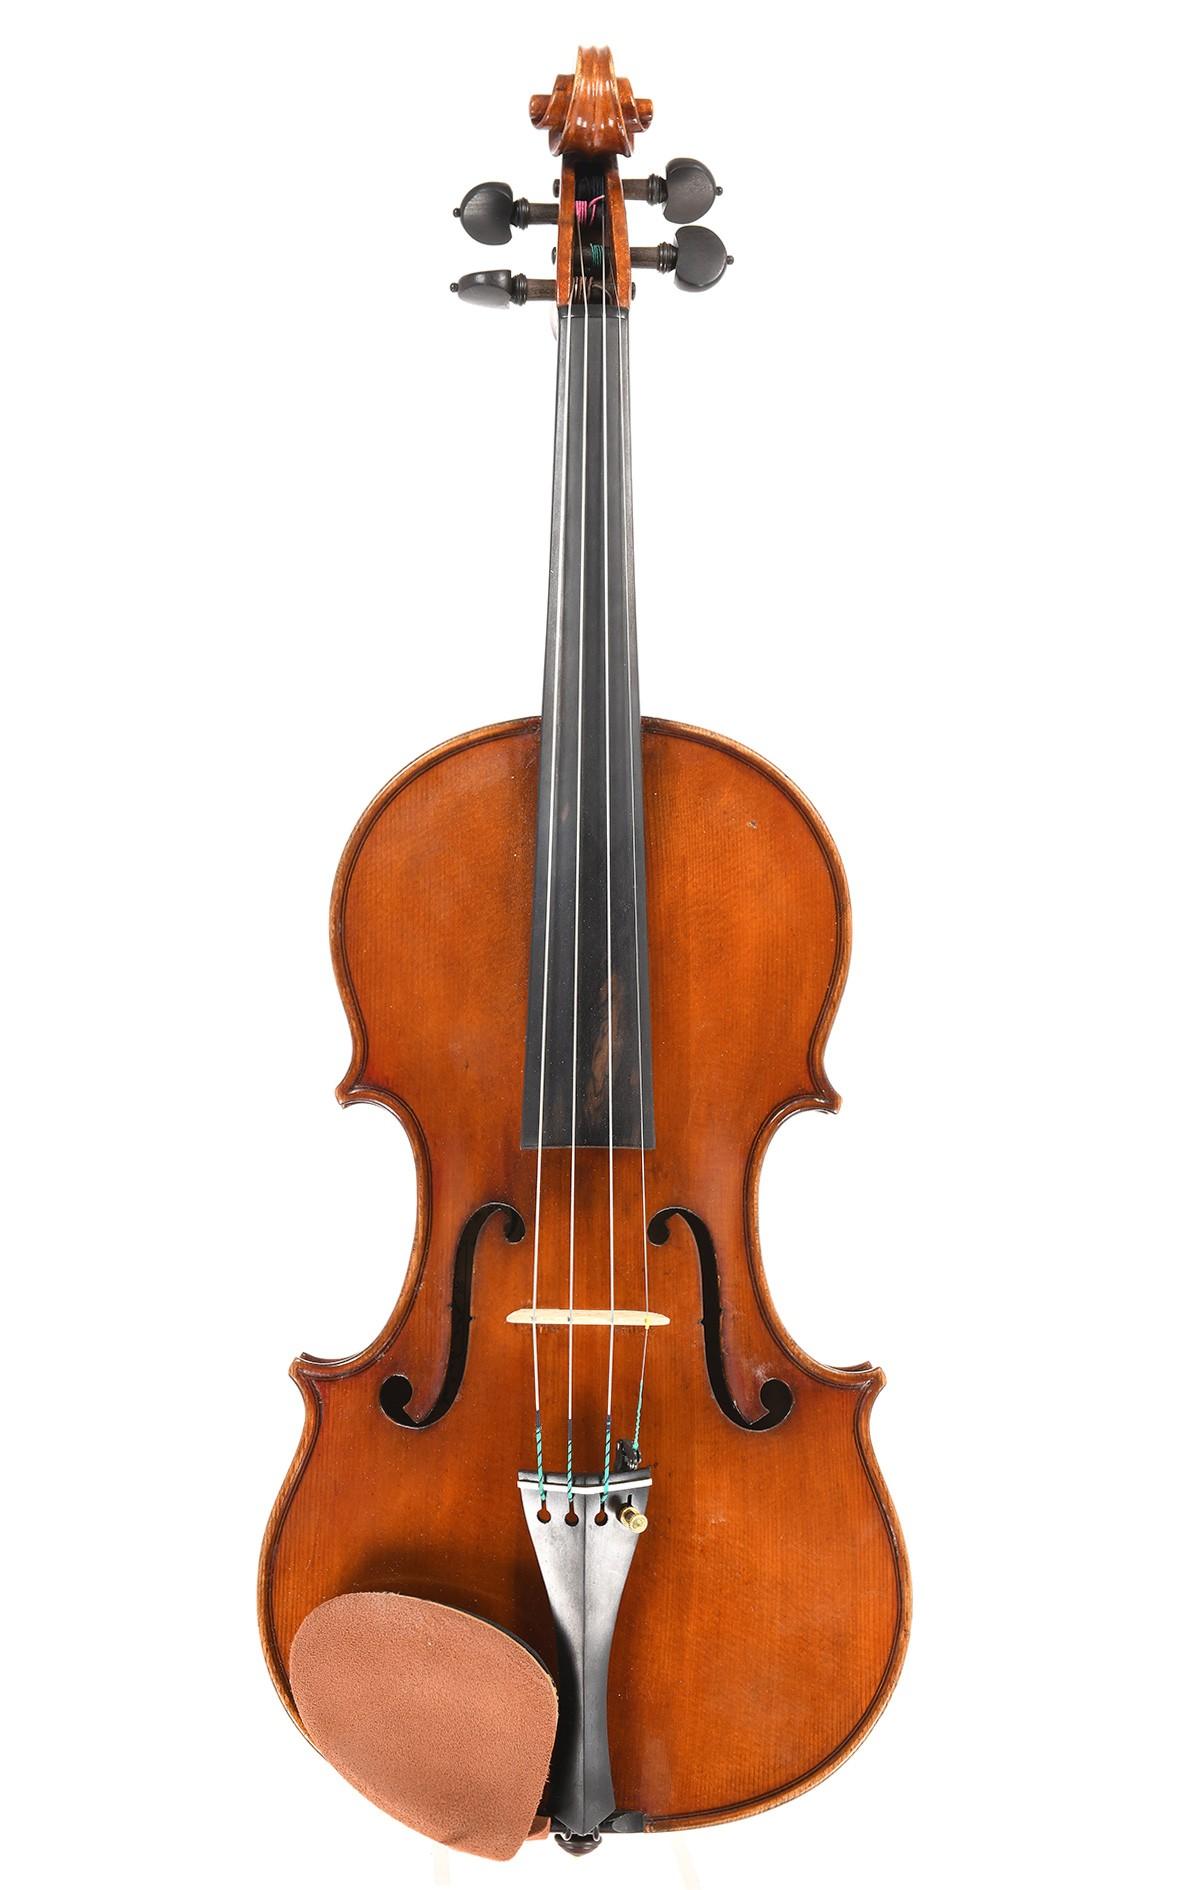 Giuseppe Pedrazzini, fine Italian violin